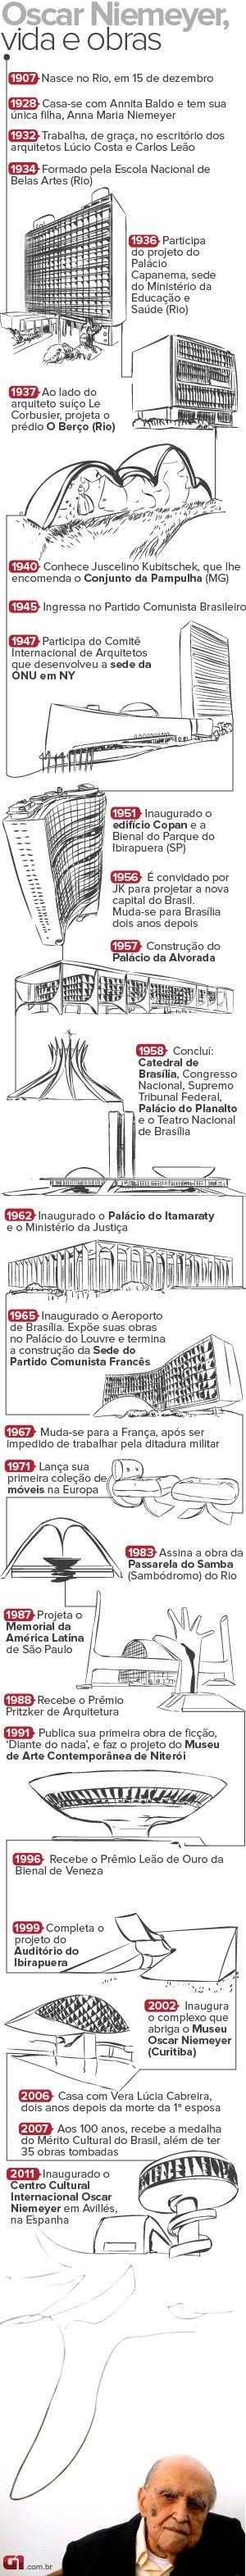 Oscar Niemeyer. Vida e Obra. Um gênio da arquitetura